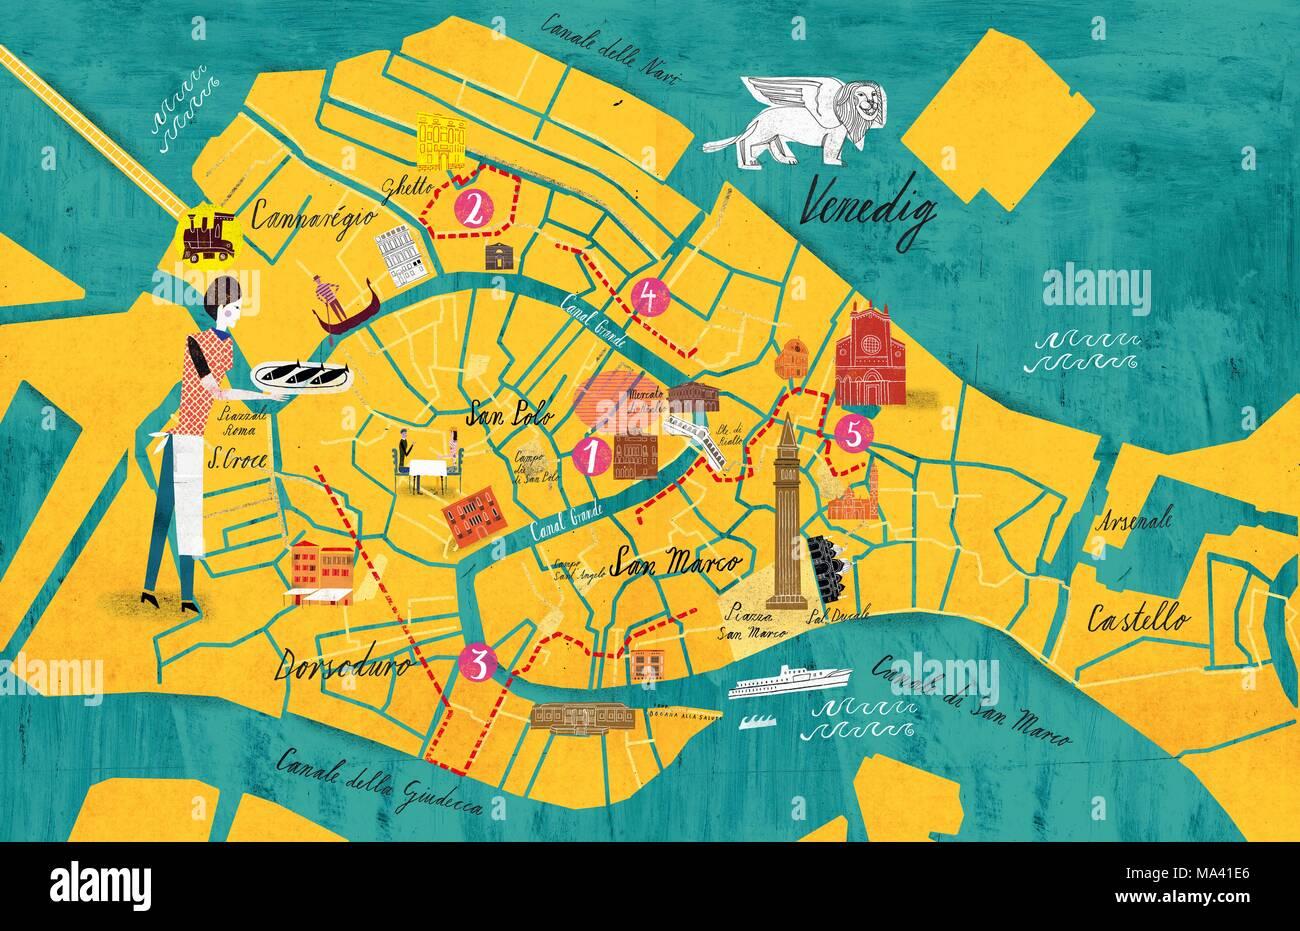 Venedig Karte.Eine Karte Von Venedig Stockfoto Bild 178339230 Alamy